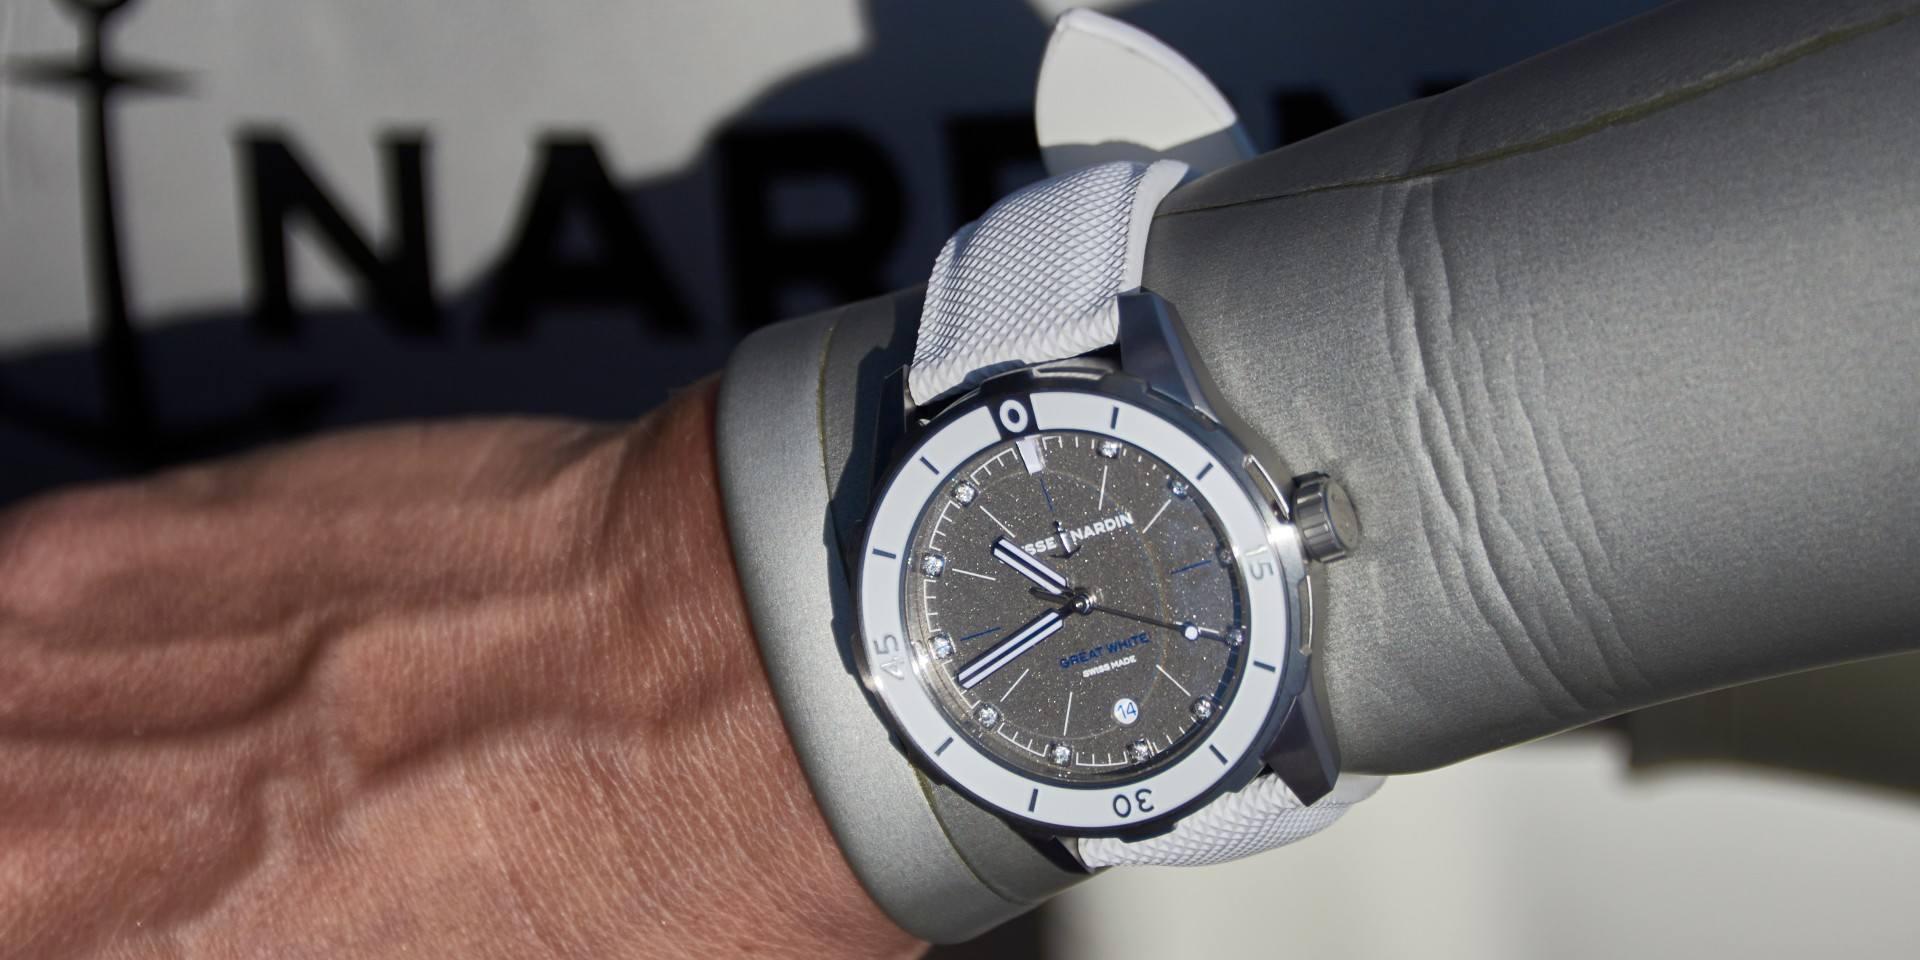 【2020線上錶展】雅典表 Lady Diver Great White 美人魚潛水錶系列大白鯊限量版